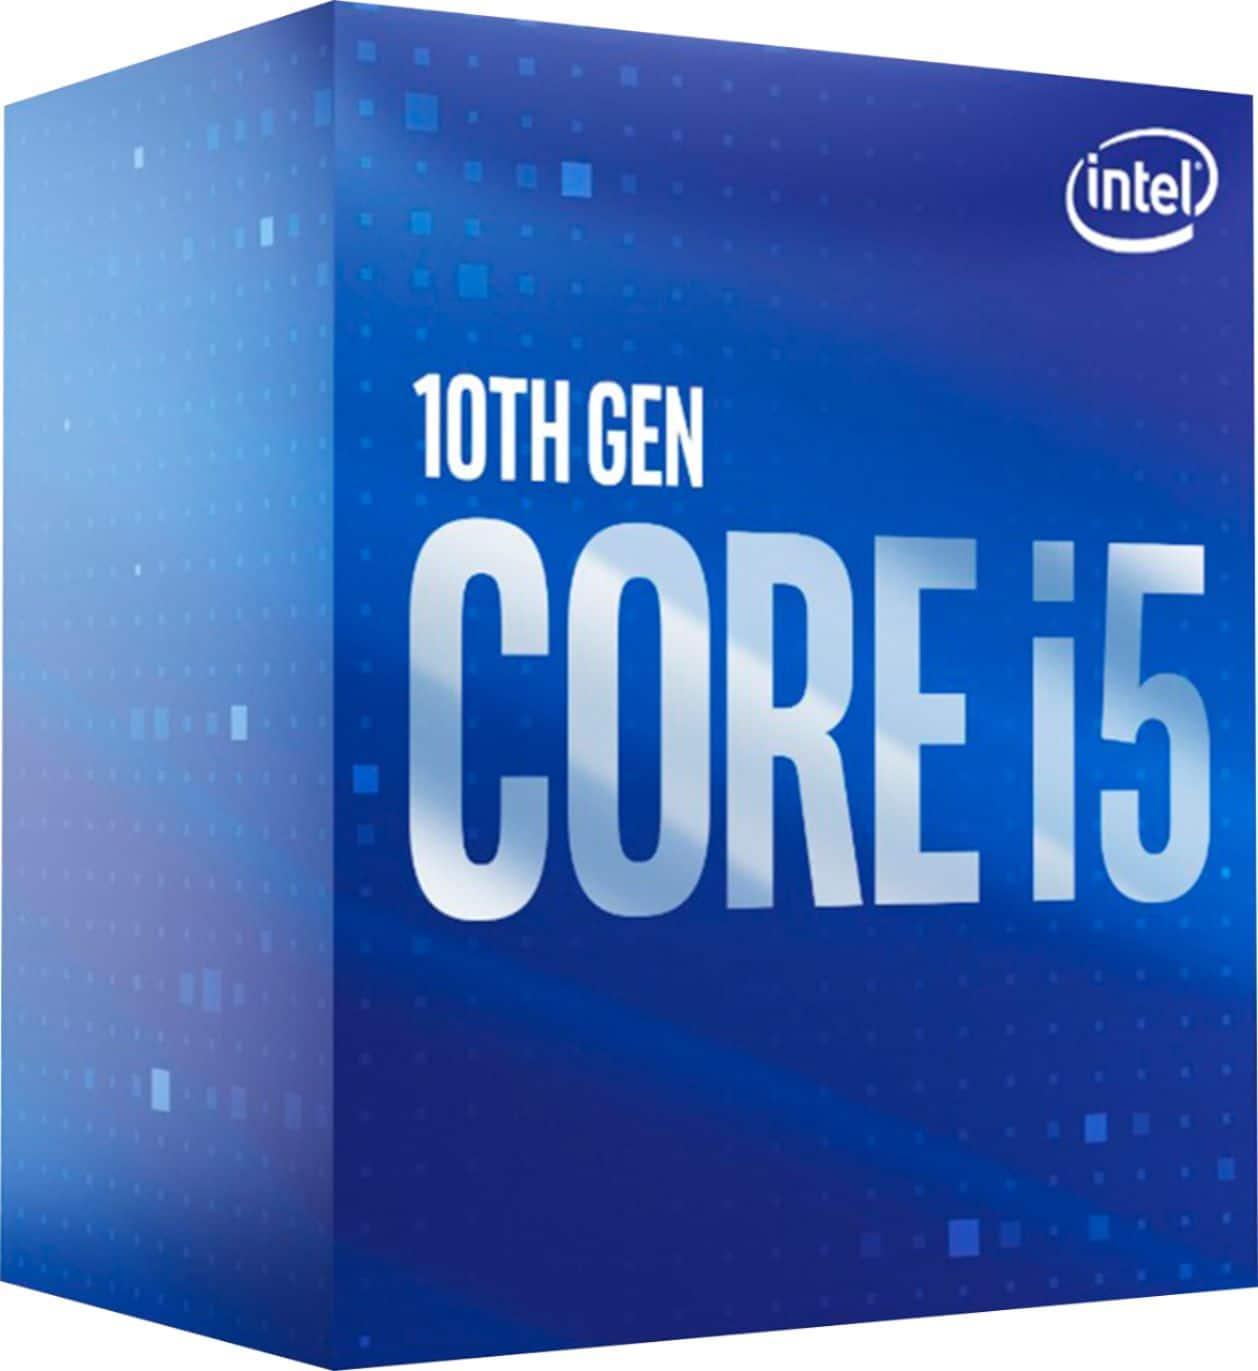 Intel Core i5-10400 2.9GHz Six-Core LGA 1200 Desktop Processor